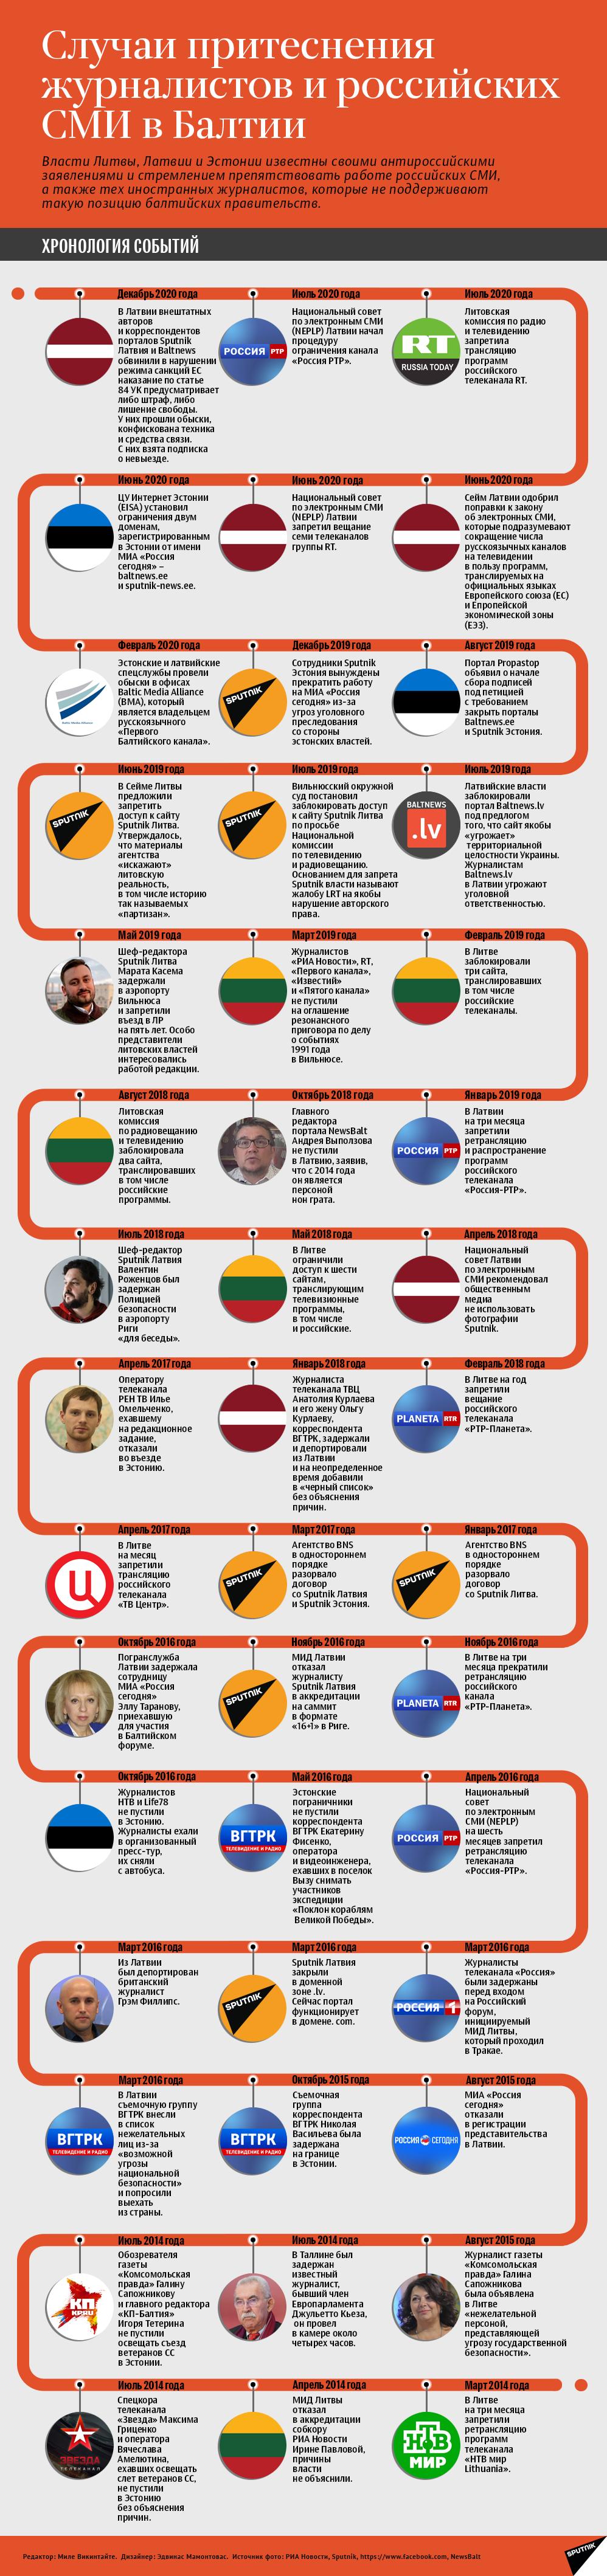 Случаи притеснения журналистов и российских СМИ в Балтии - Sputnik Беларусь